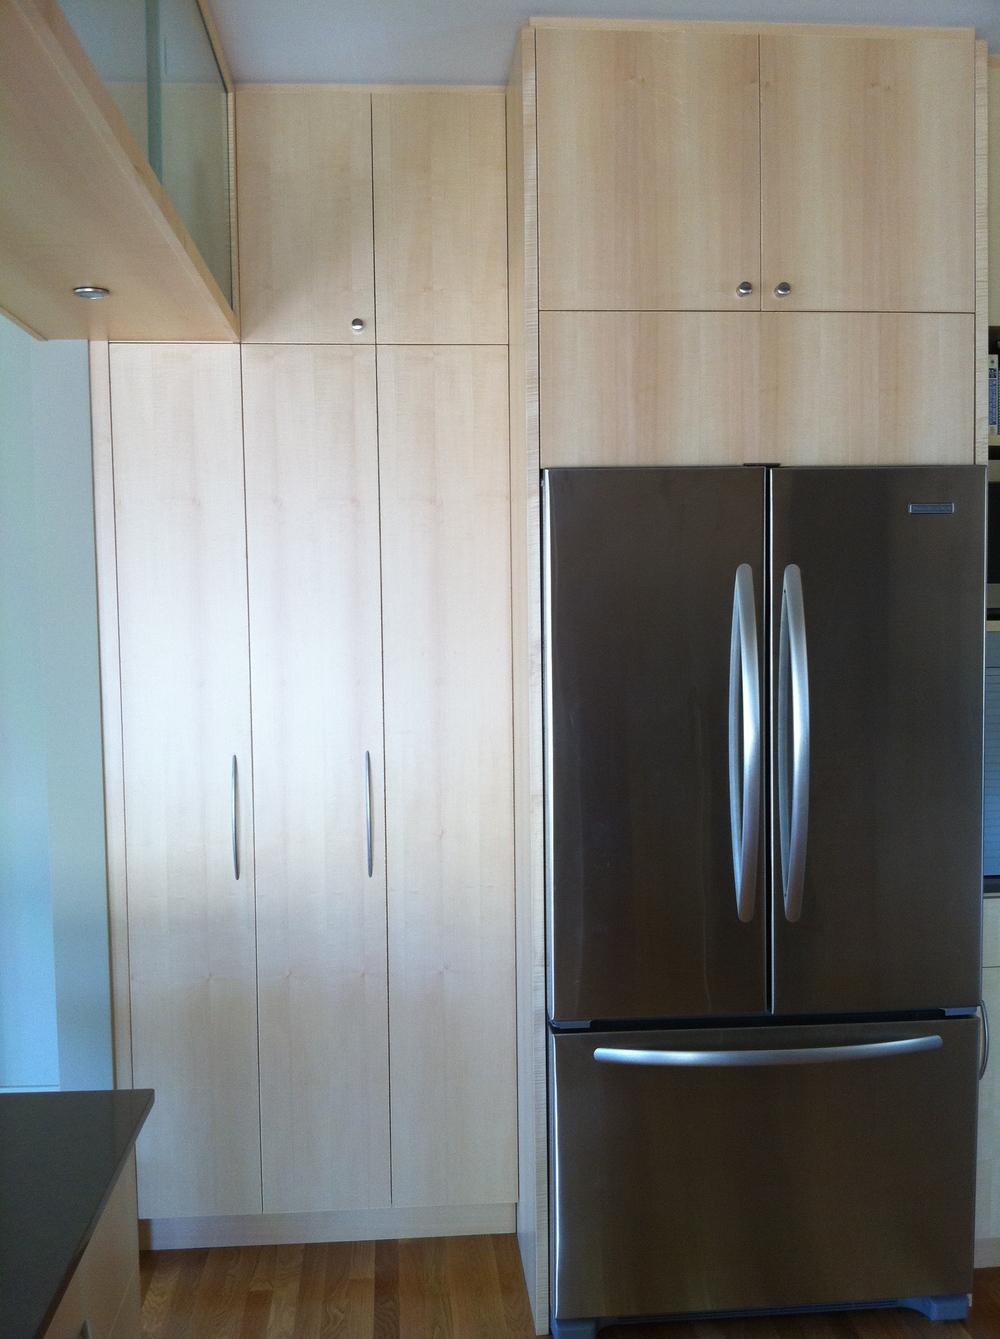 ohare pantry&fridge.jpg